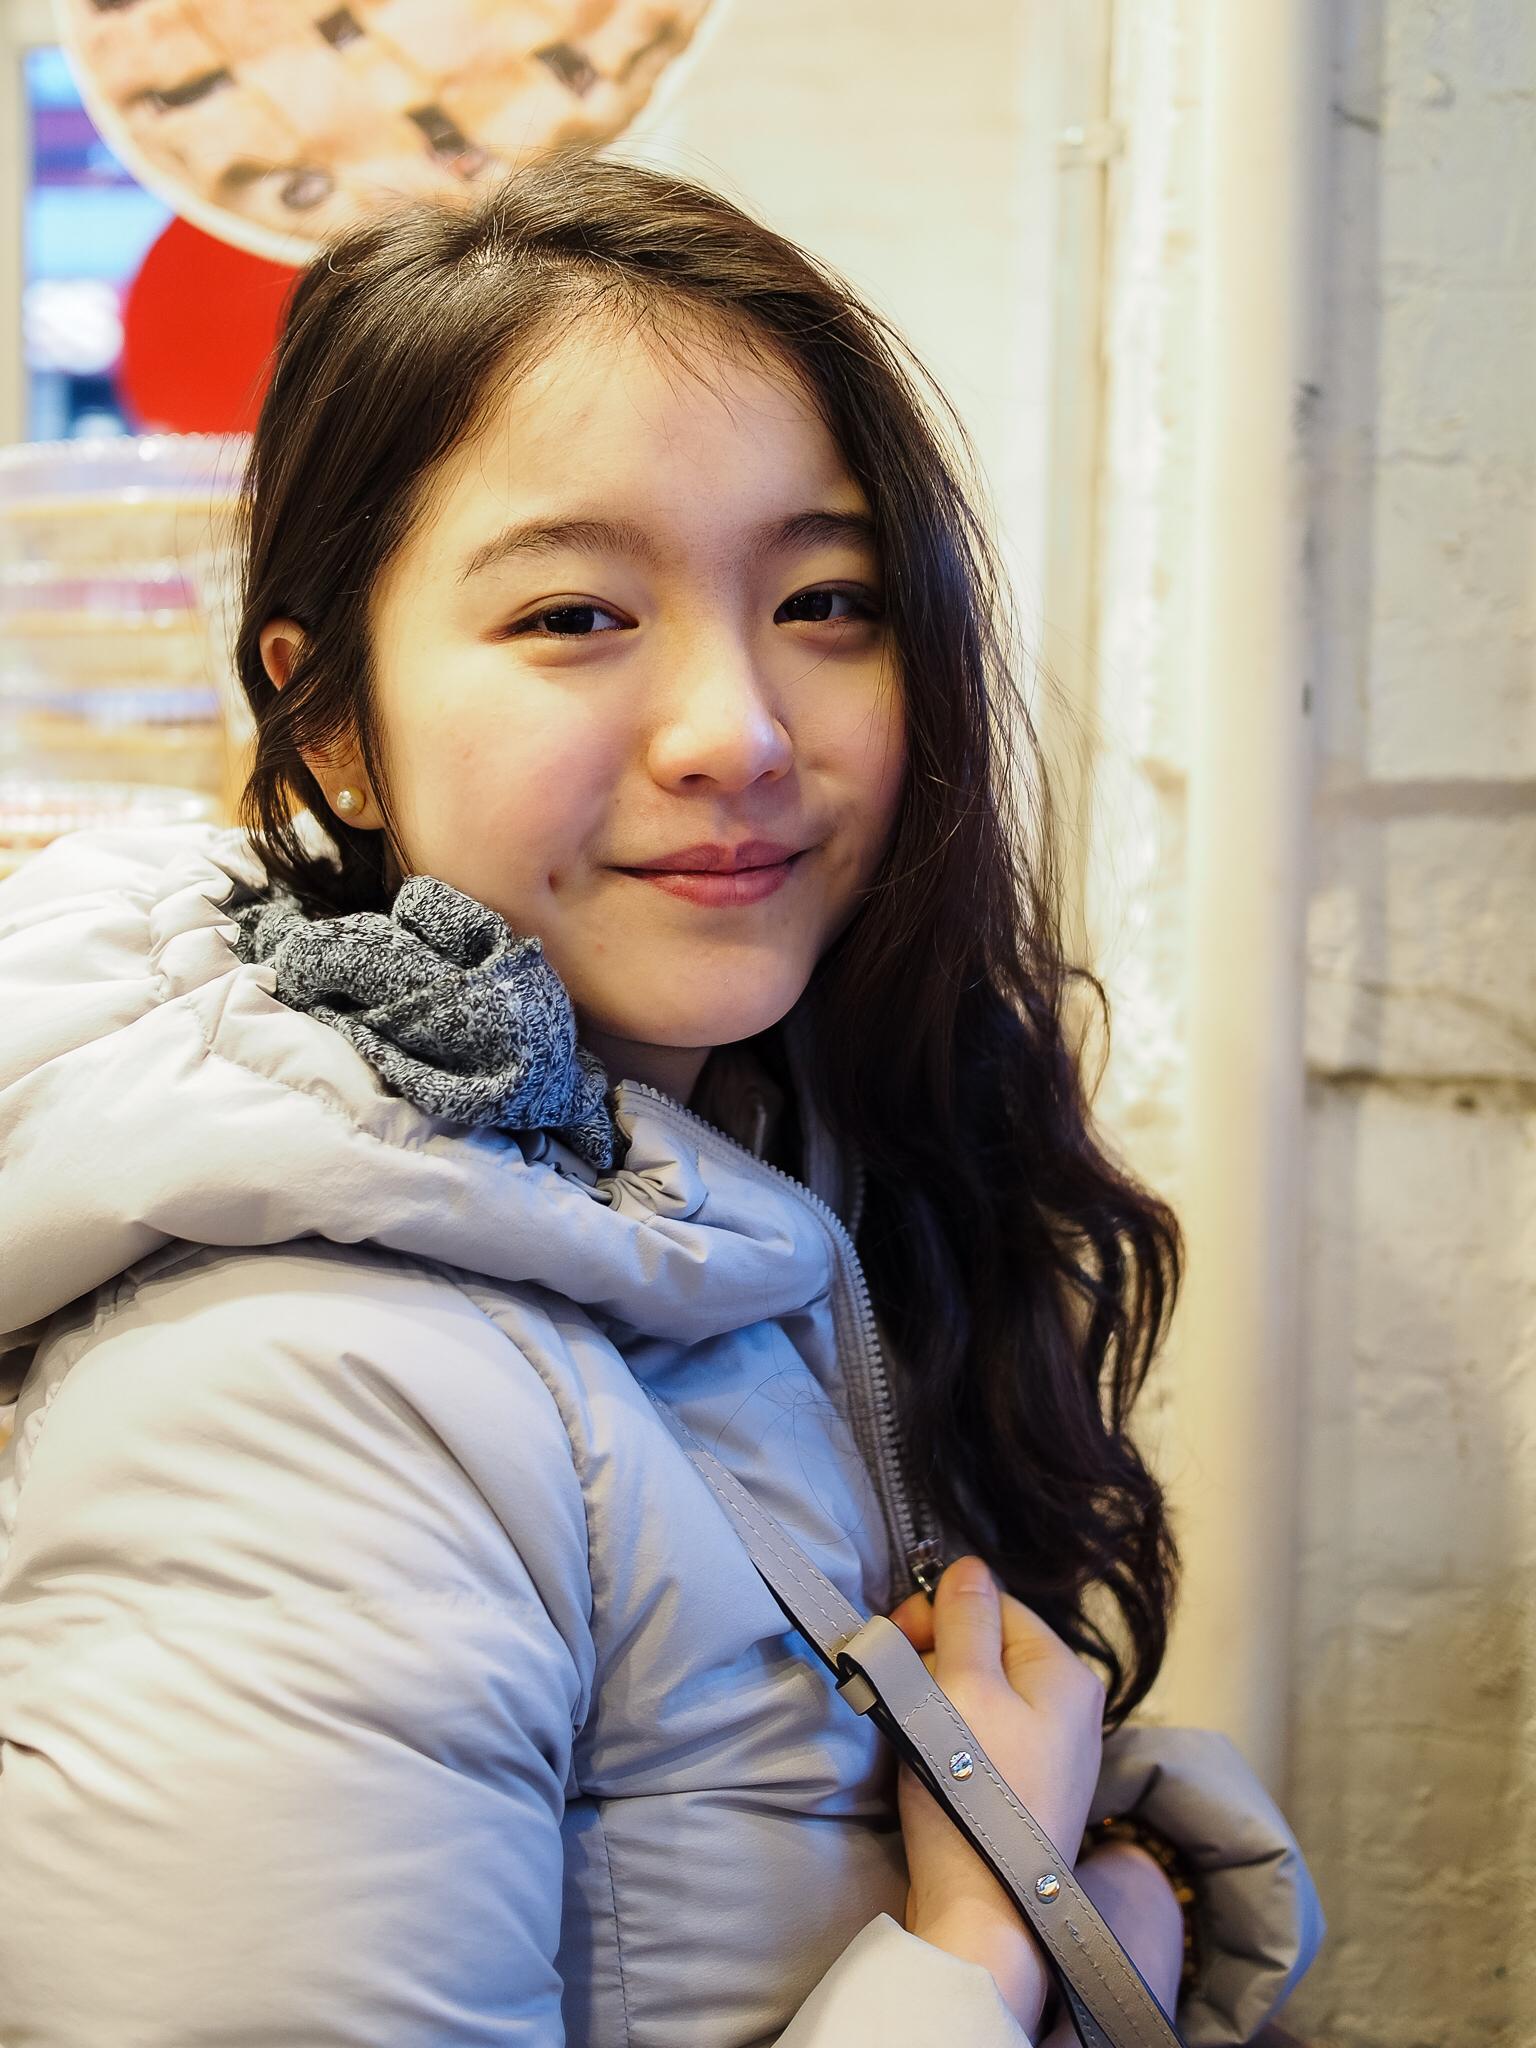 华珂平,PoppyHua   去过尼泊尔,缅甸,埃及,日本,都是旅行目的。泰国我虽然没有去过,但从学校里的泰国同学,和在云南生活其实都有接触很多泰国文化。一直很向往。